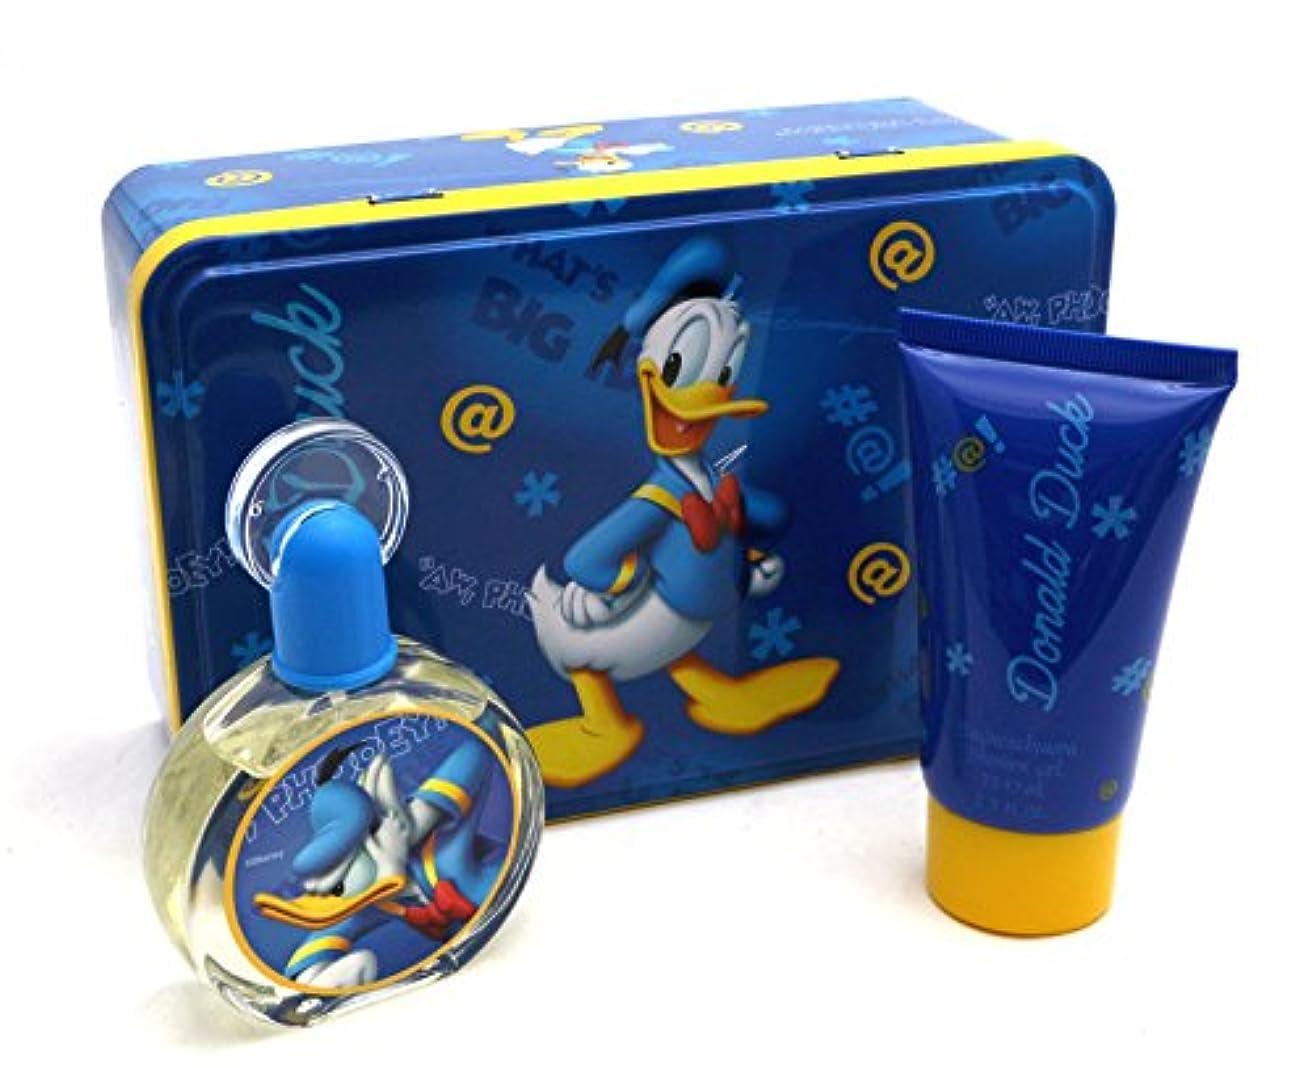 揺れる才能厳しいDonald Duck (ドナルドダック) 1.7 oz (50ml) EDT Spray + 2.5 oz (75ml) Shower Gel by Disney